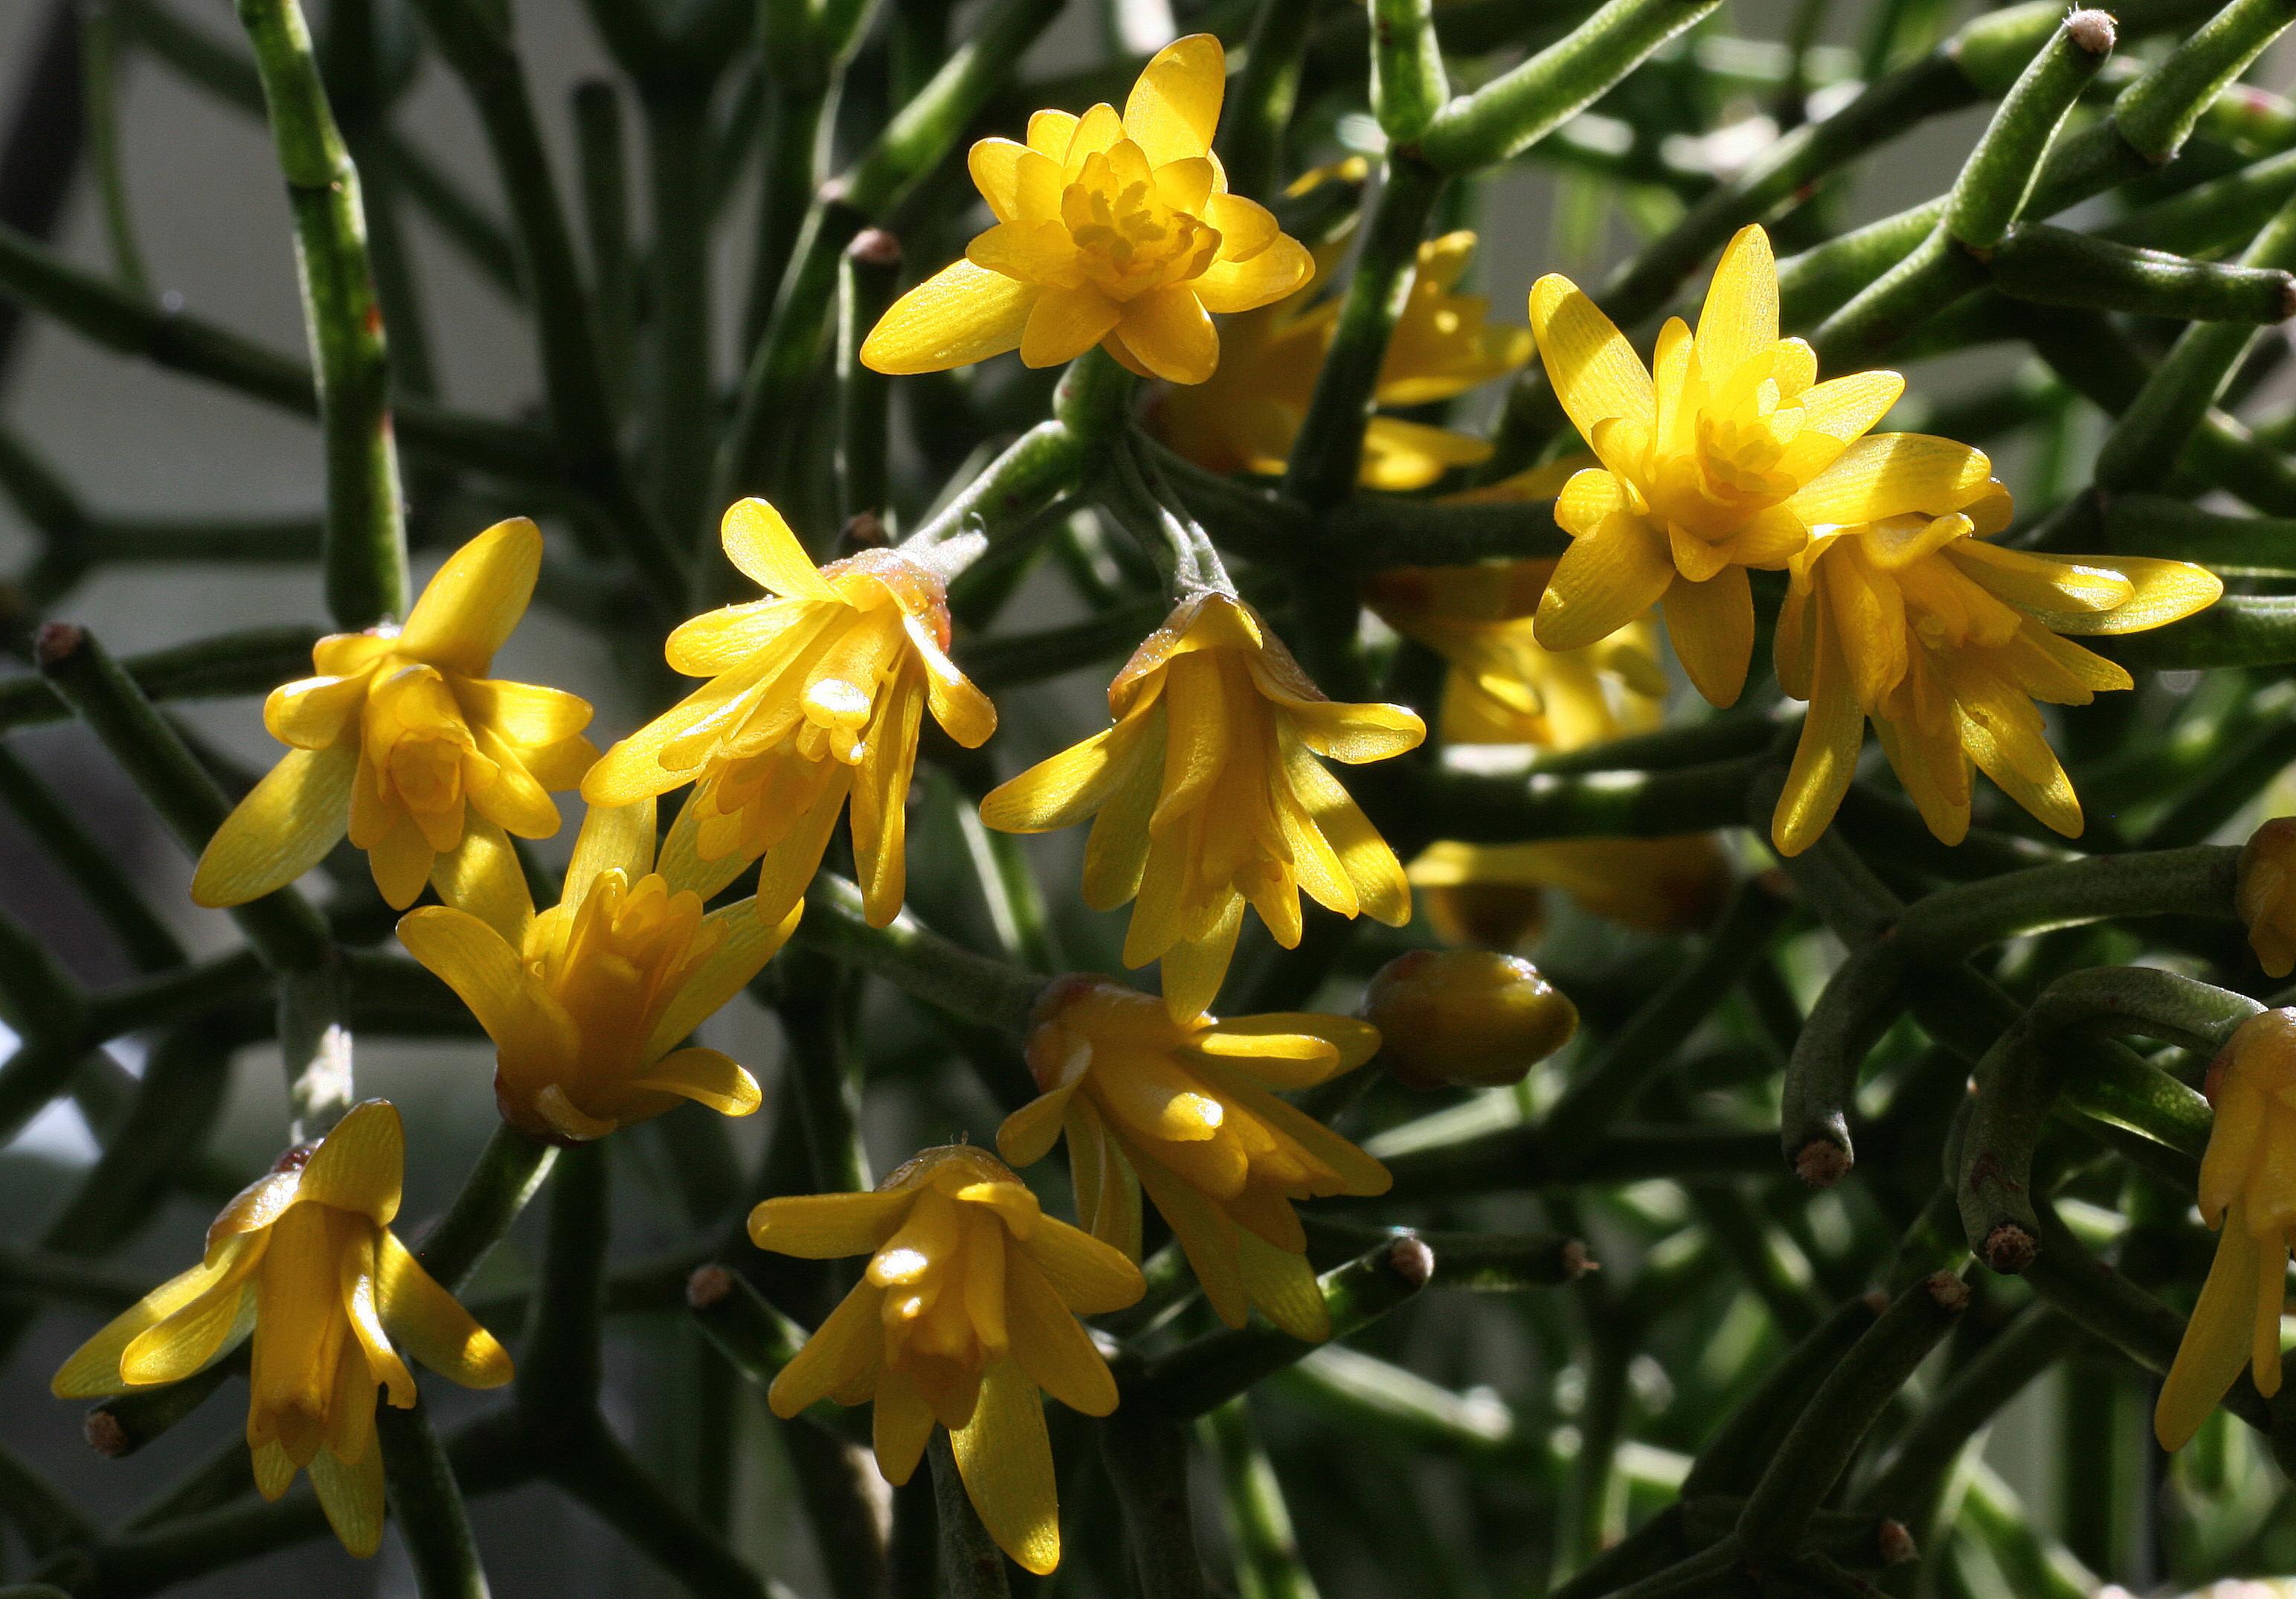 Hatiora aff. cylindrica (Detailfoto) (Foto Jochen Bockemühl)